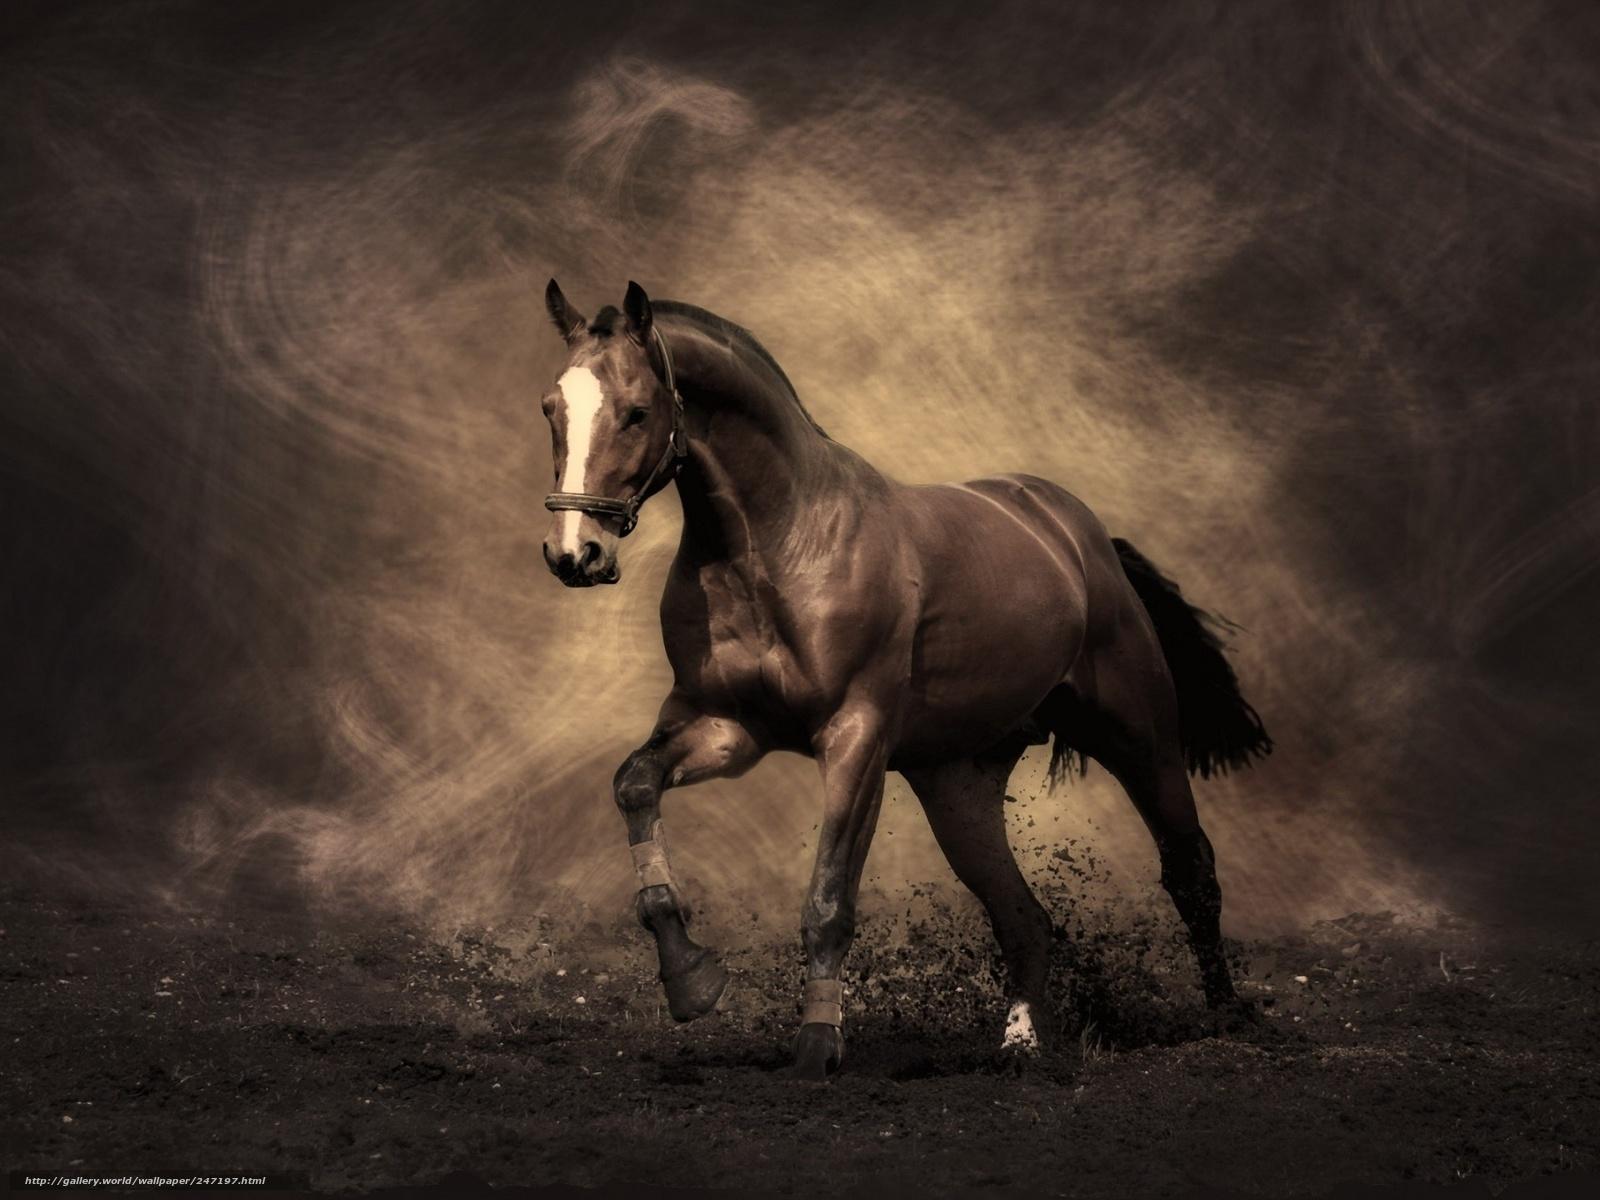 Scaricare gli sfondi animali cavallo cavallo da corsa for Sfondi cavalli gratis